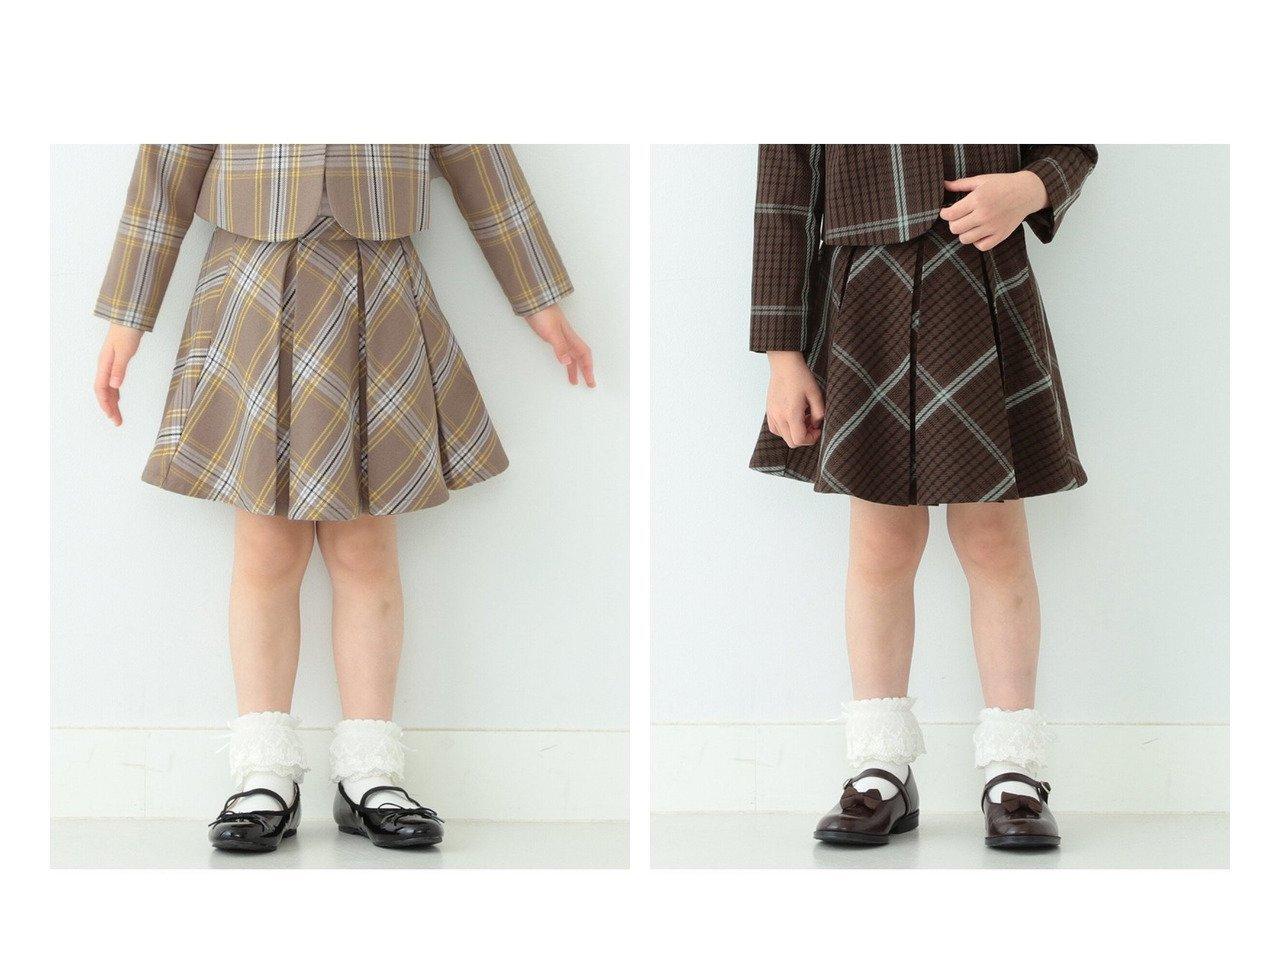 【B:MING by BEAMS / KIDS/ビーミング バイ ビームス】のフォーマル チェック スカート 21FO(100~130cm) 【KIDS】子供服のおすすめ!人気トレンド・キッズファッションの通販 おすすめで人気の流行・トレンド、ファッションの通販商品 メンズファッション・キッズファッション・インテリア・家具・レディースファッション・服の通販 founy(ファニー) https://founy.com/ ファッション Fashion キッズファッション KIDS カーディガン ジャケット セットアップ ダウン チェック パターン フォーマル ベスト ボレロ リアル ロング |ID:crp329100000023688